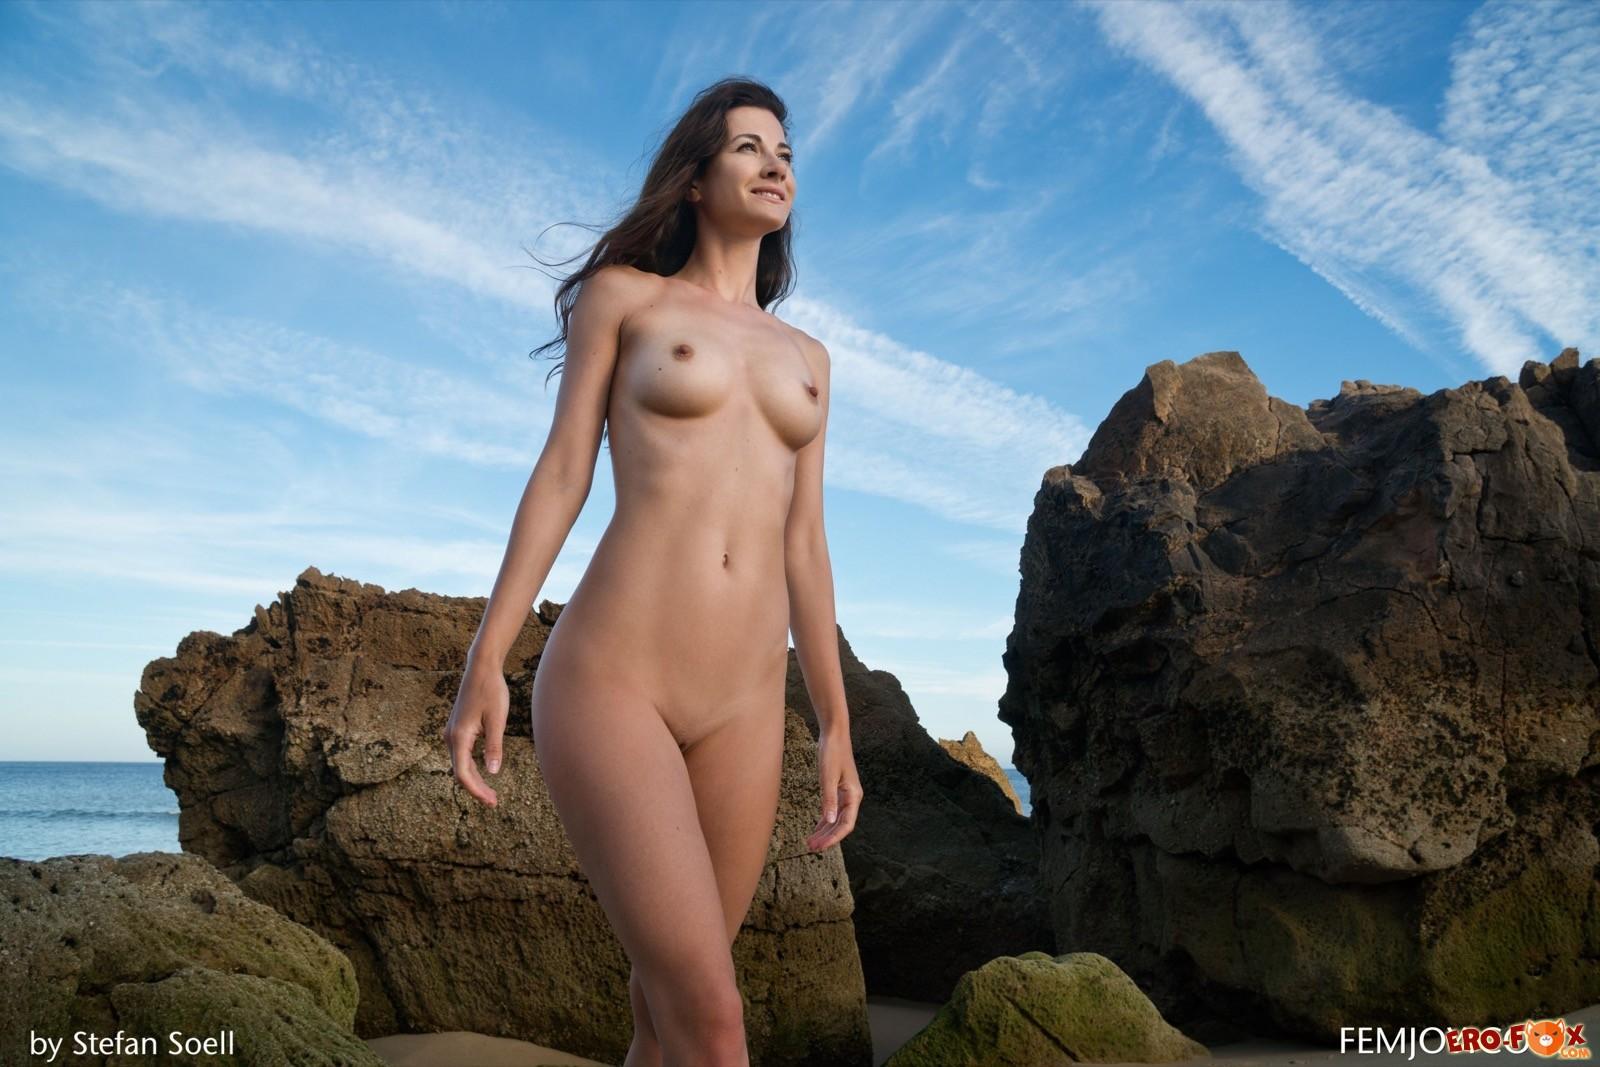 Красотка с торчащими сосками позирует голой на пляже